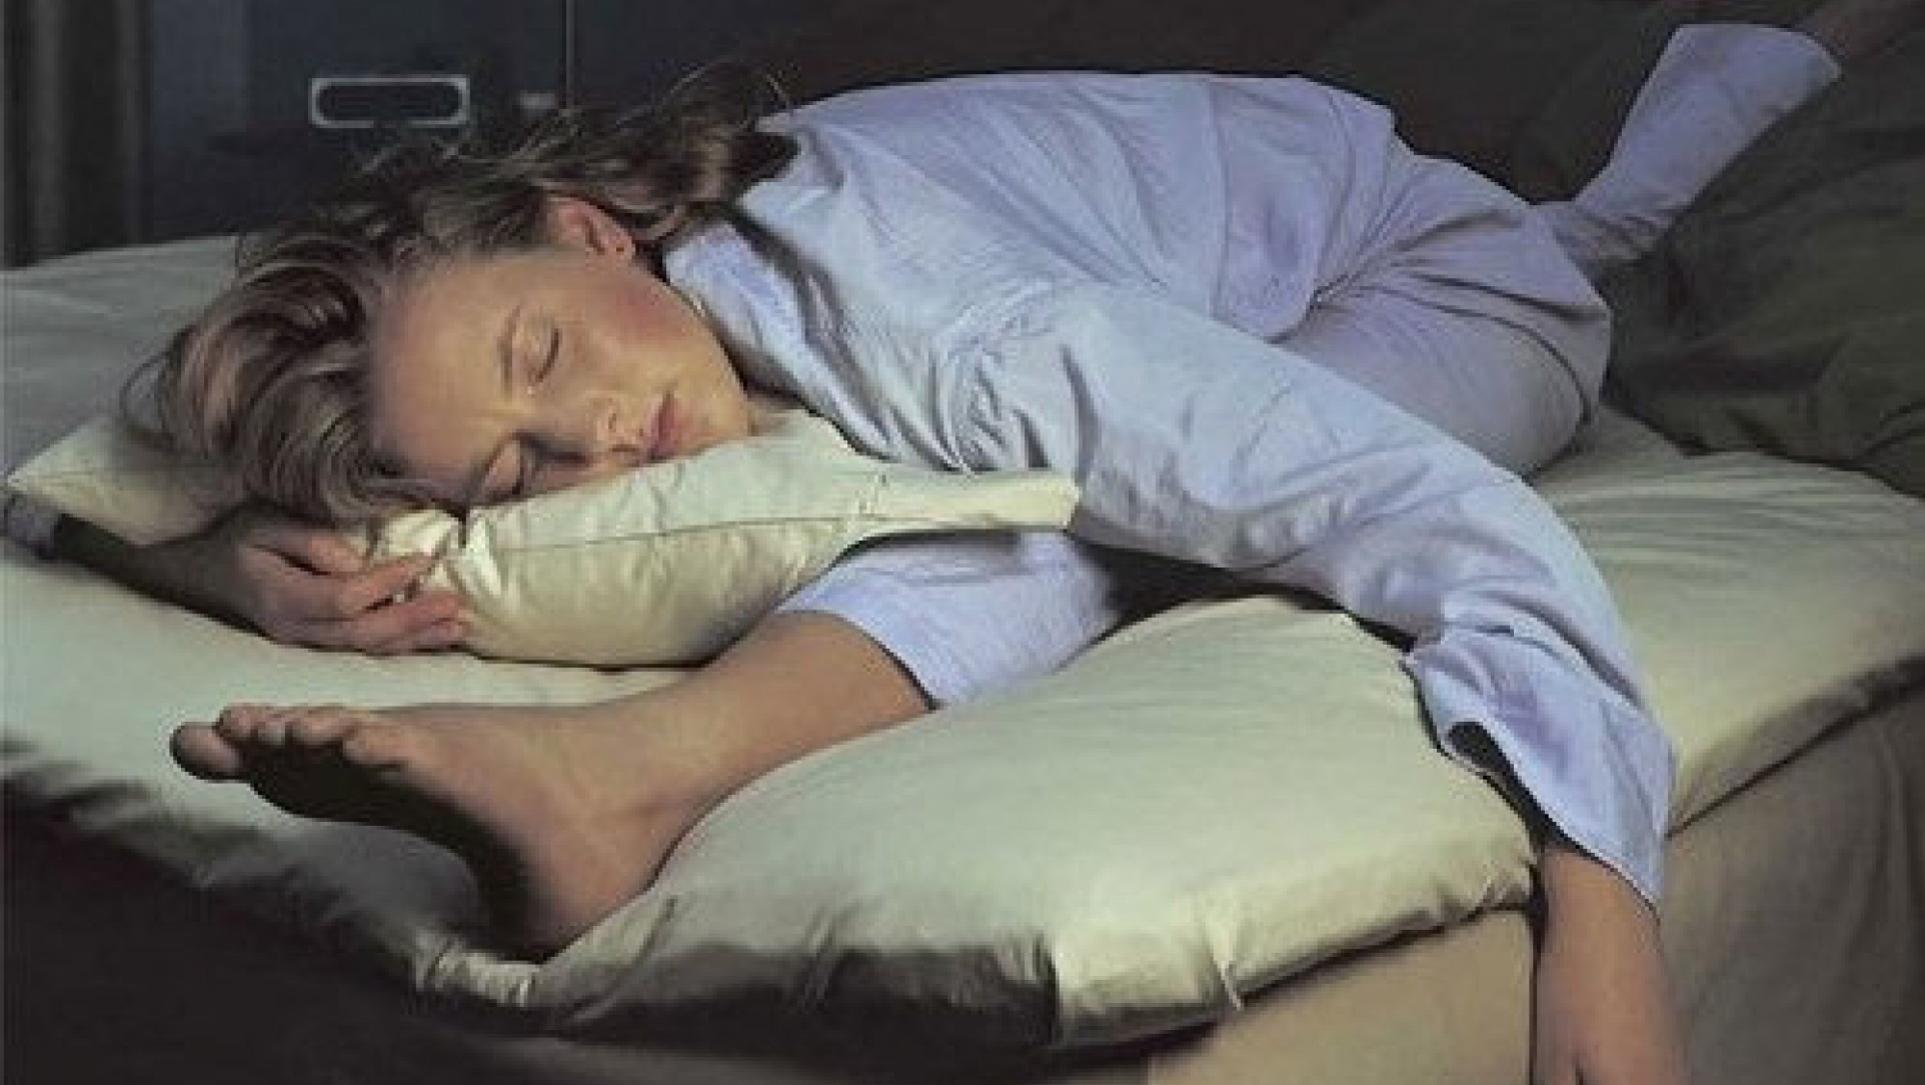 многих наших картинки спящих упавших обычно